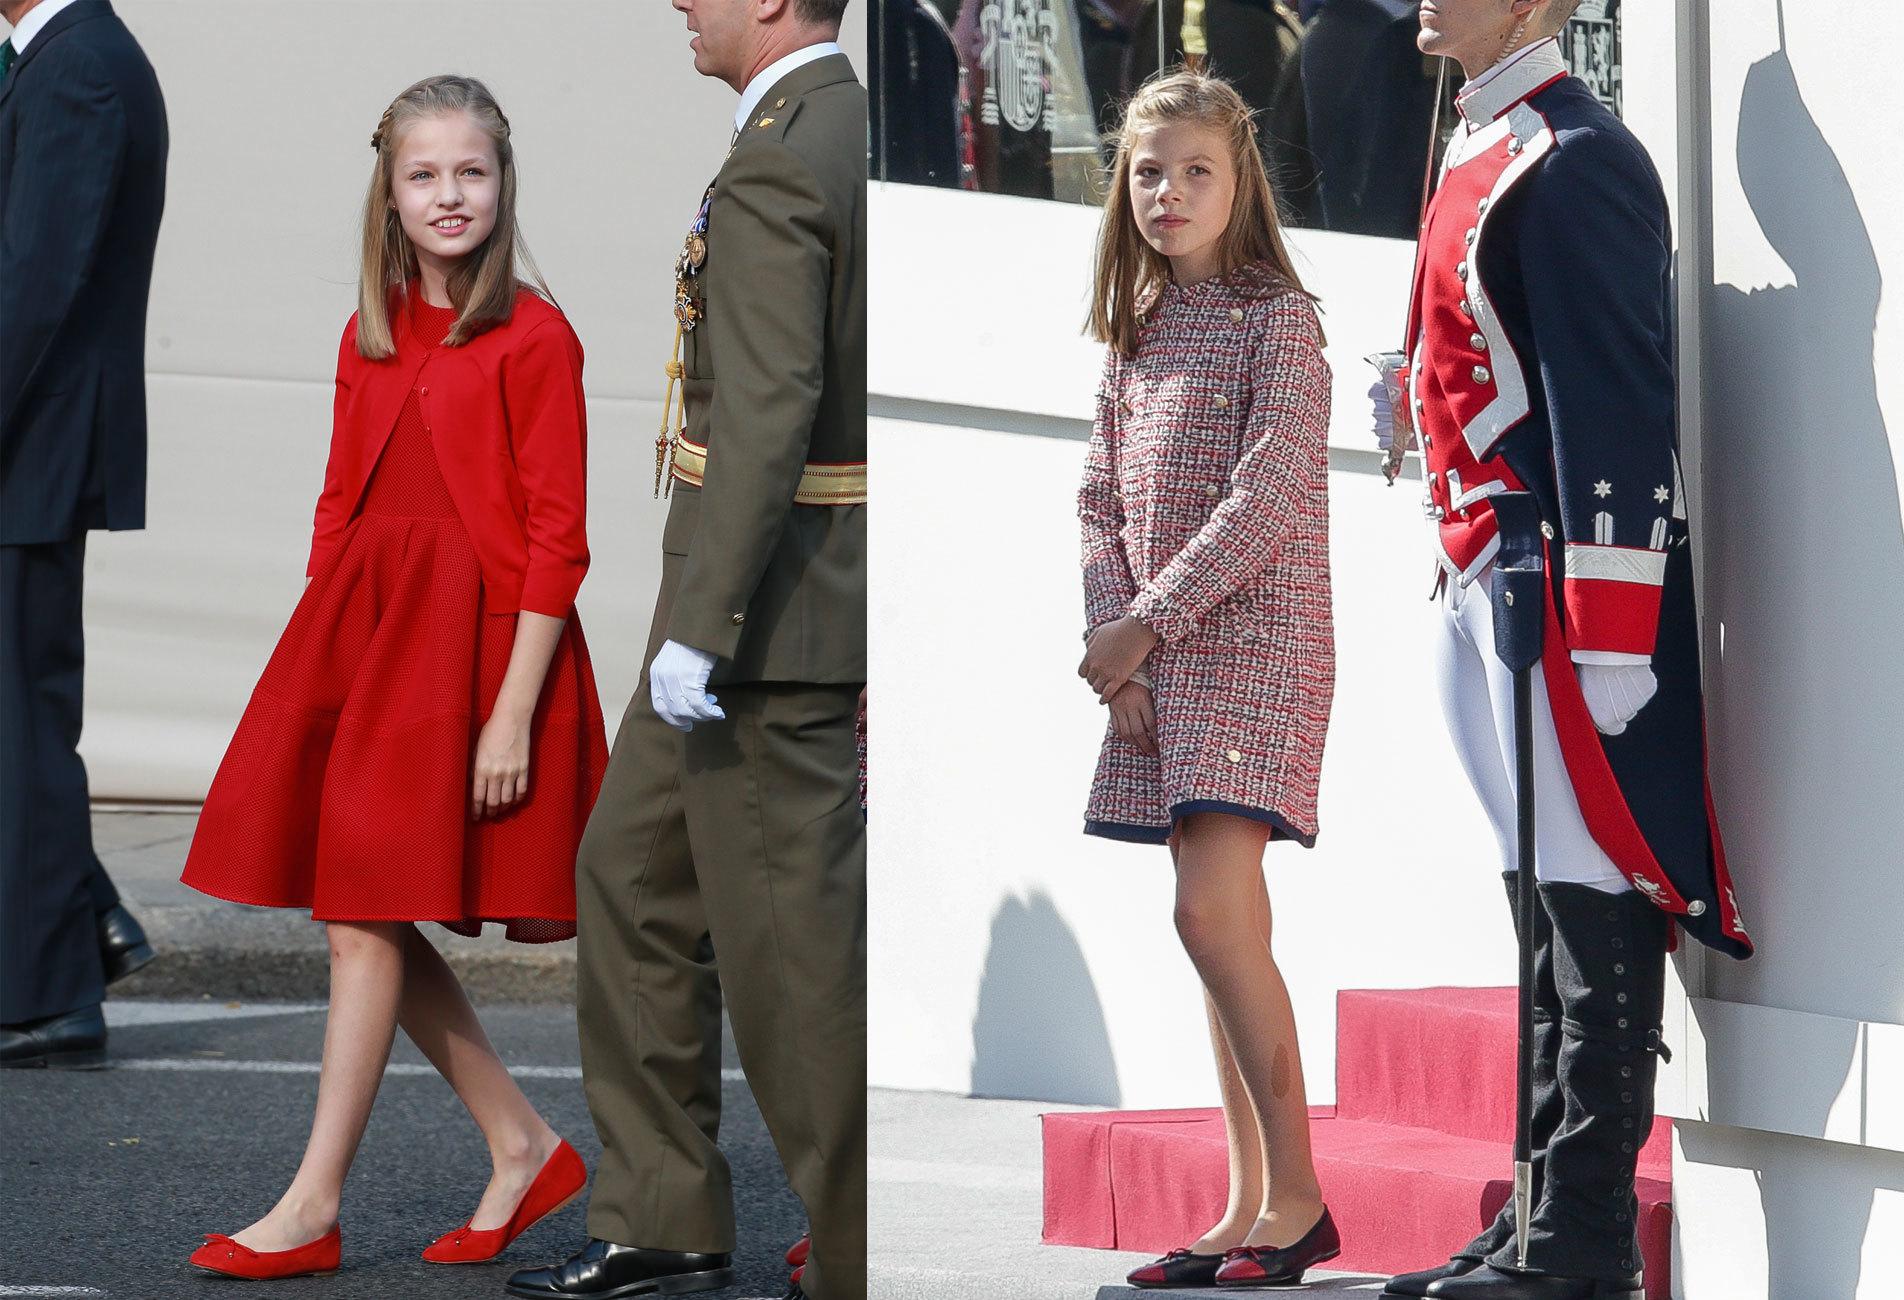 La Princesa de Asturias, Leonor de Borbón, y la infanta Sofía.